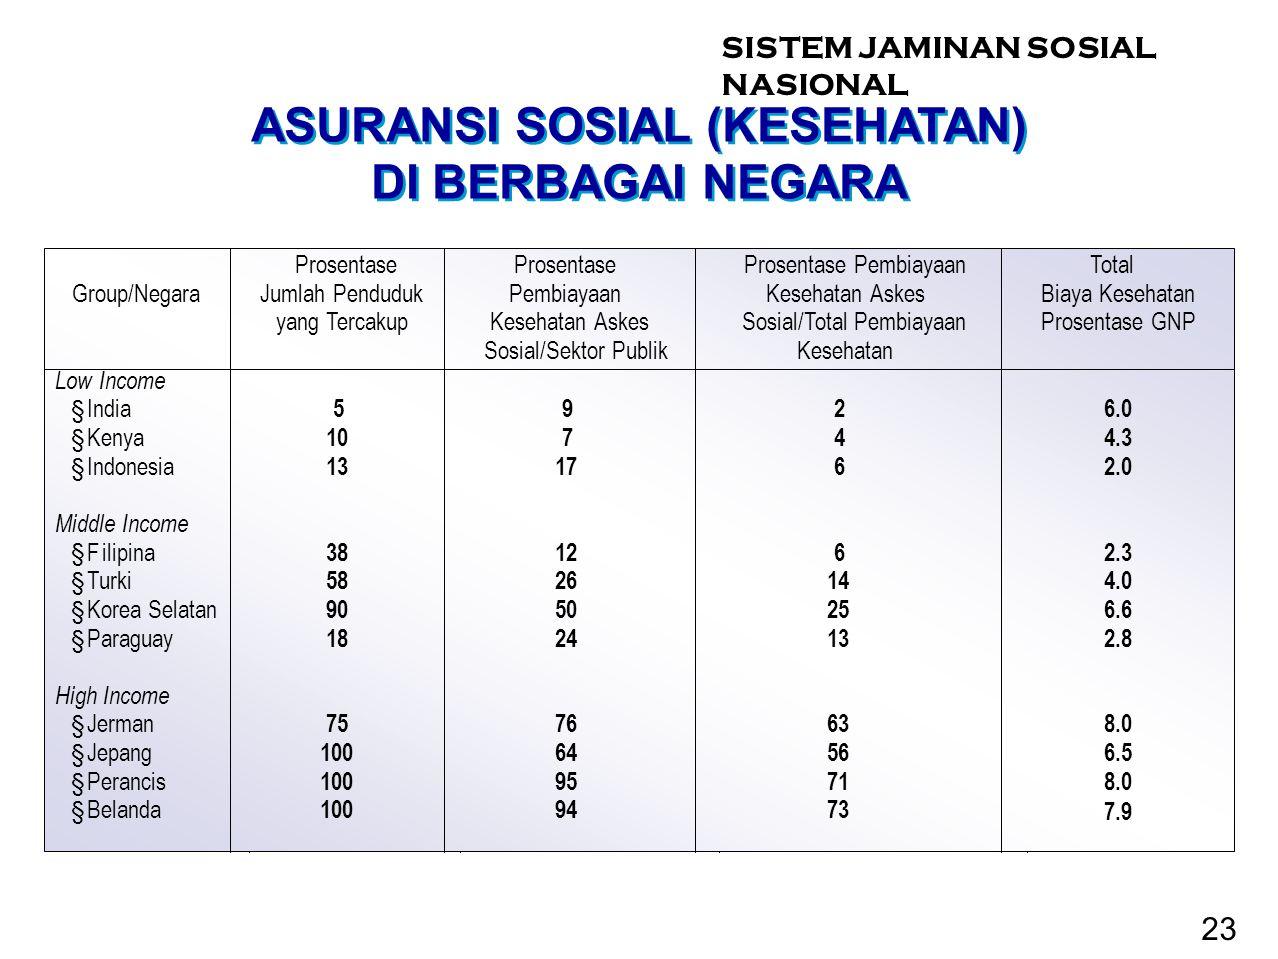 ASURANSI SOSIAL (KESEHATAN) DI BERBAGAI NEGARA 23 SISTEM JAMINAN SOSIAL NASIONAL